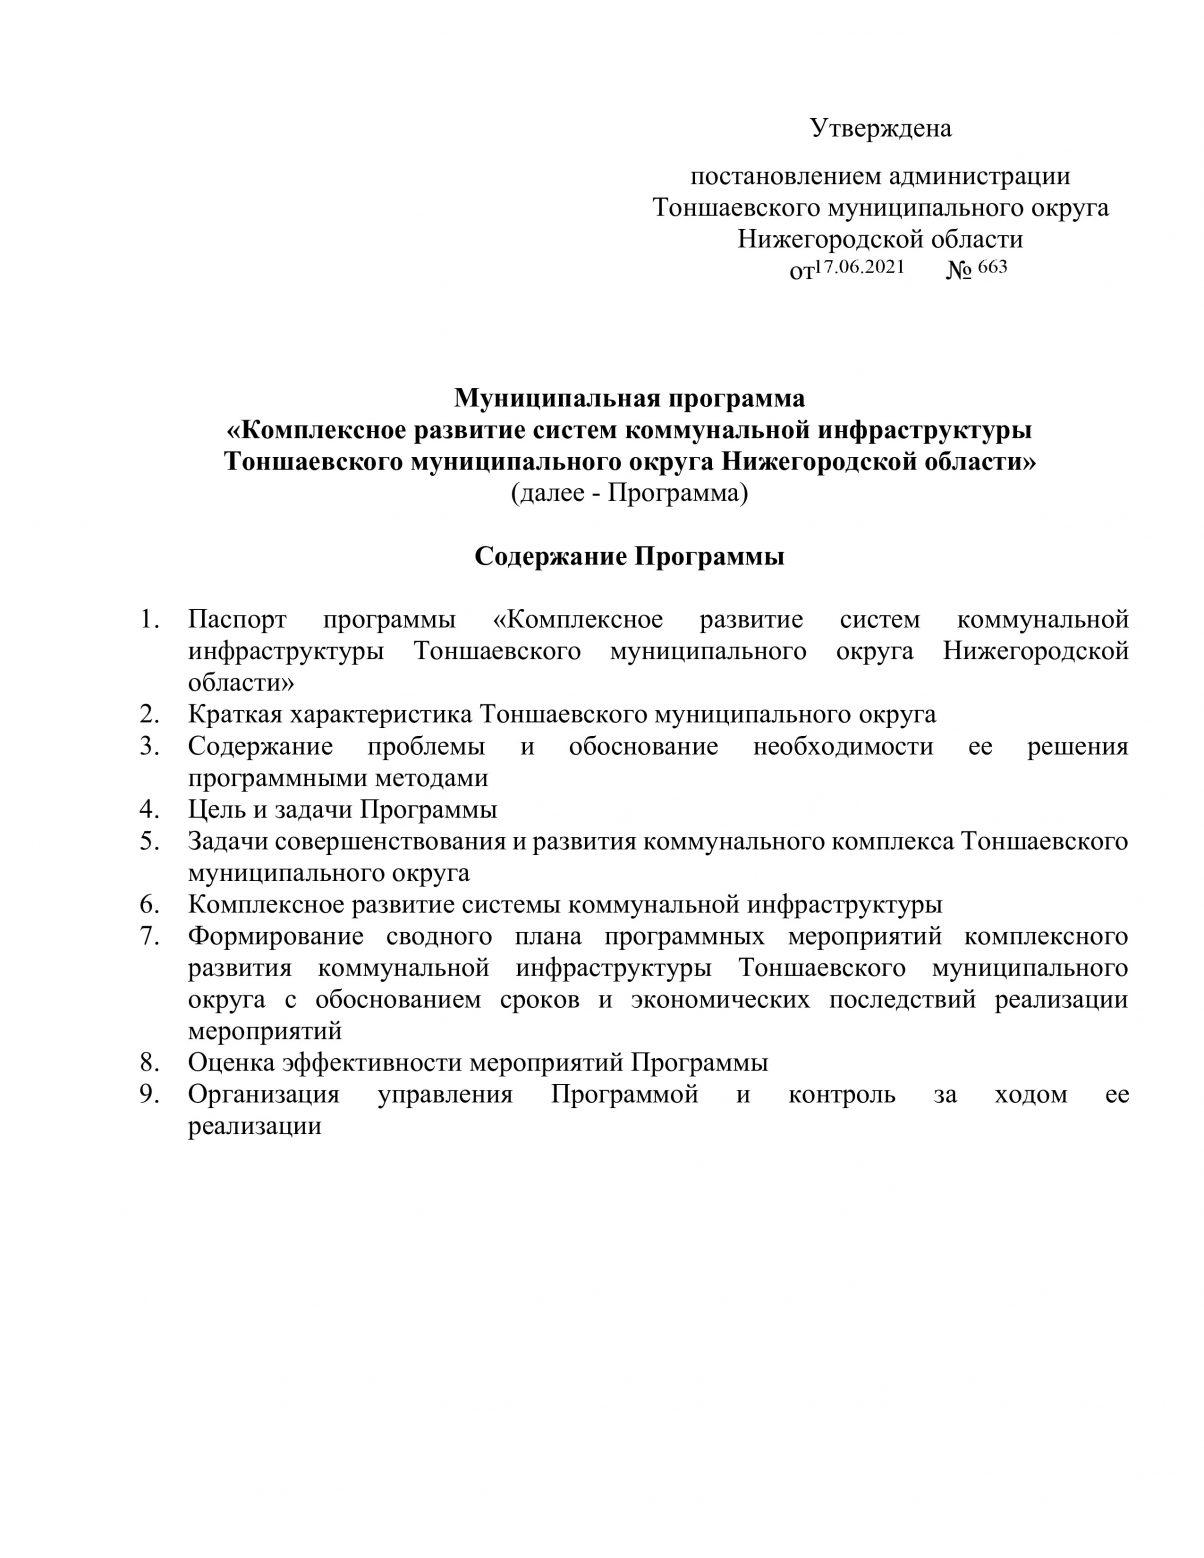 Муниципальная программа «Комплексное развитие систем коммунальной инфраструктуры Тоншаевского муниципального округа Нижегородской области»